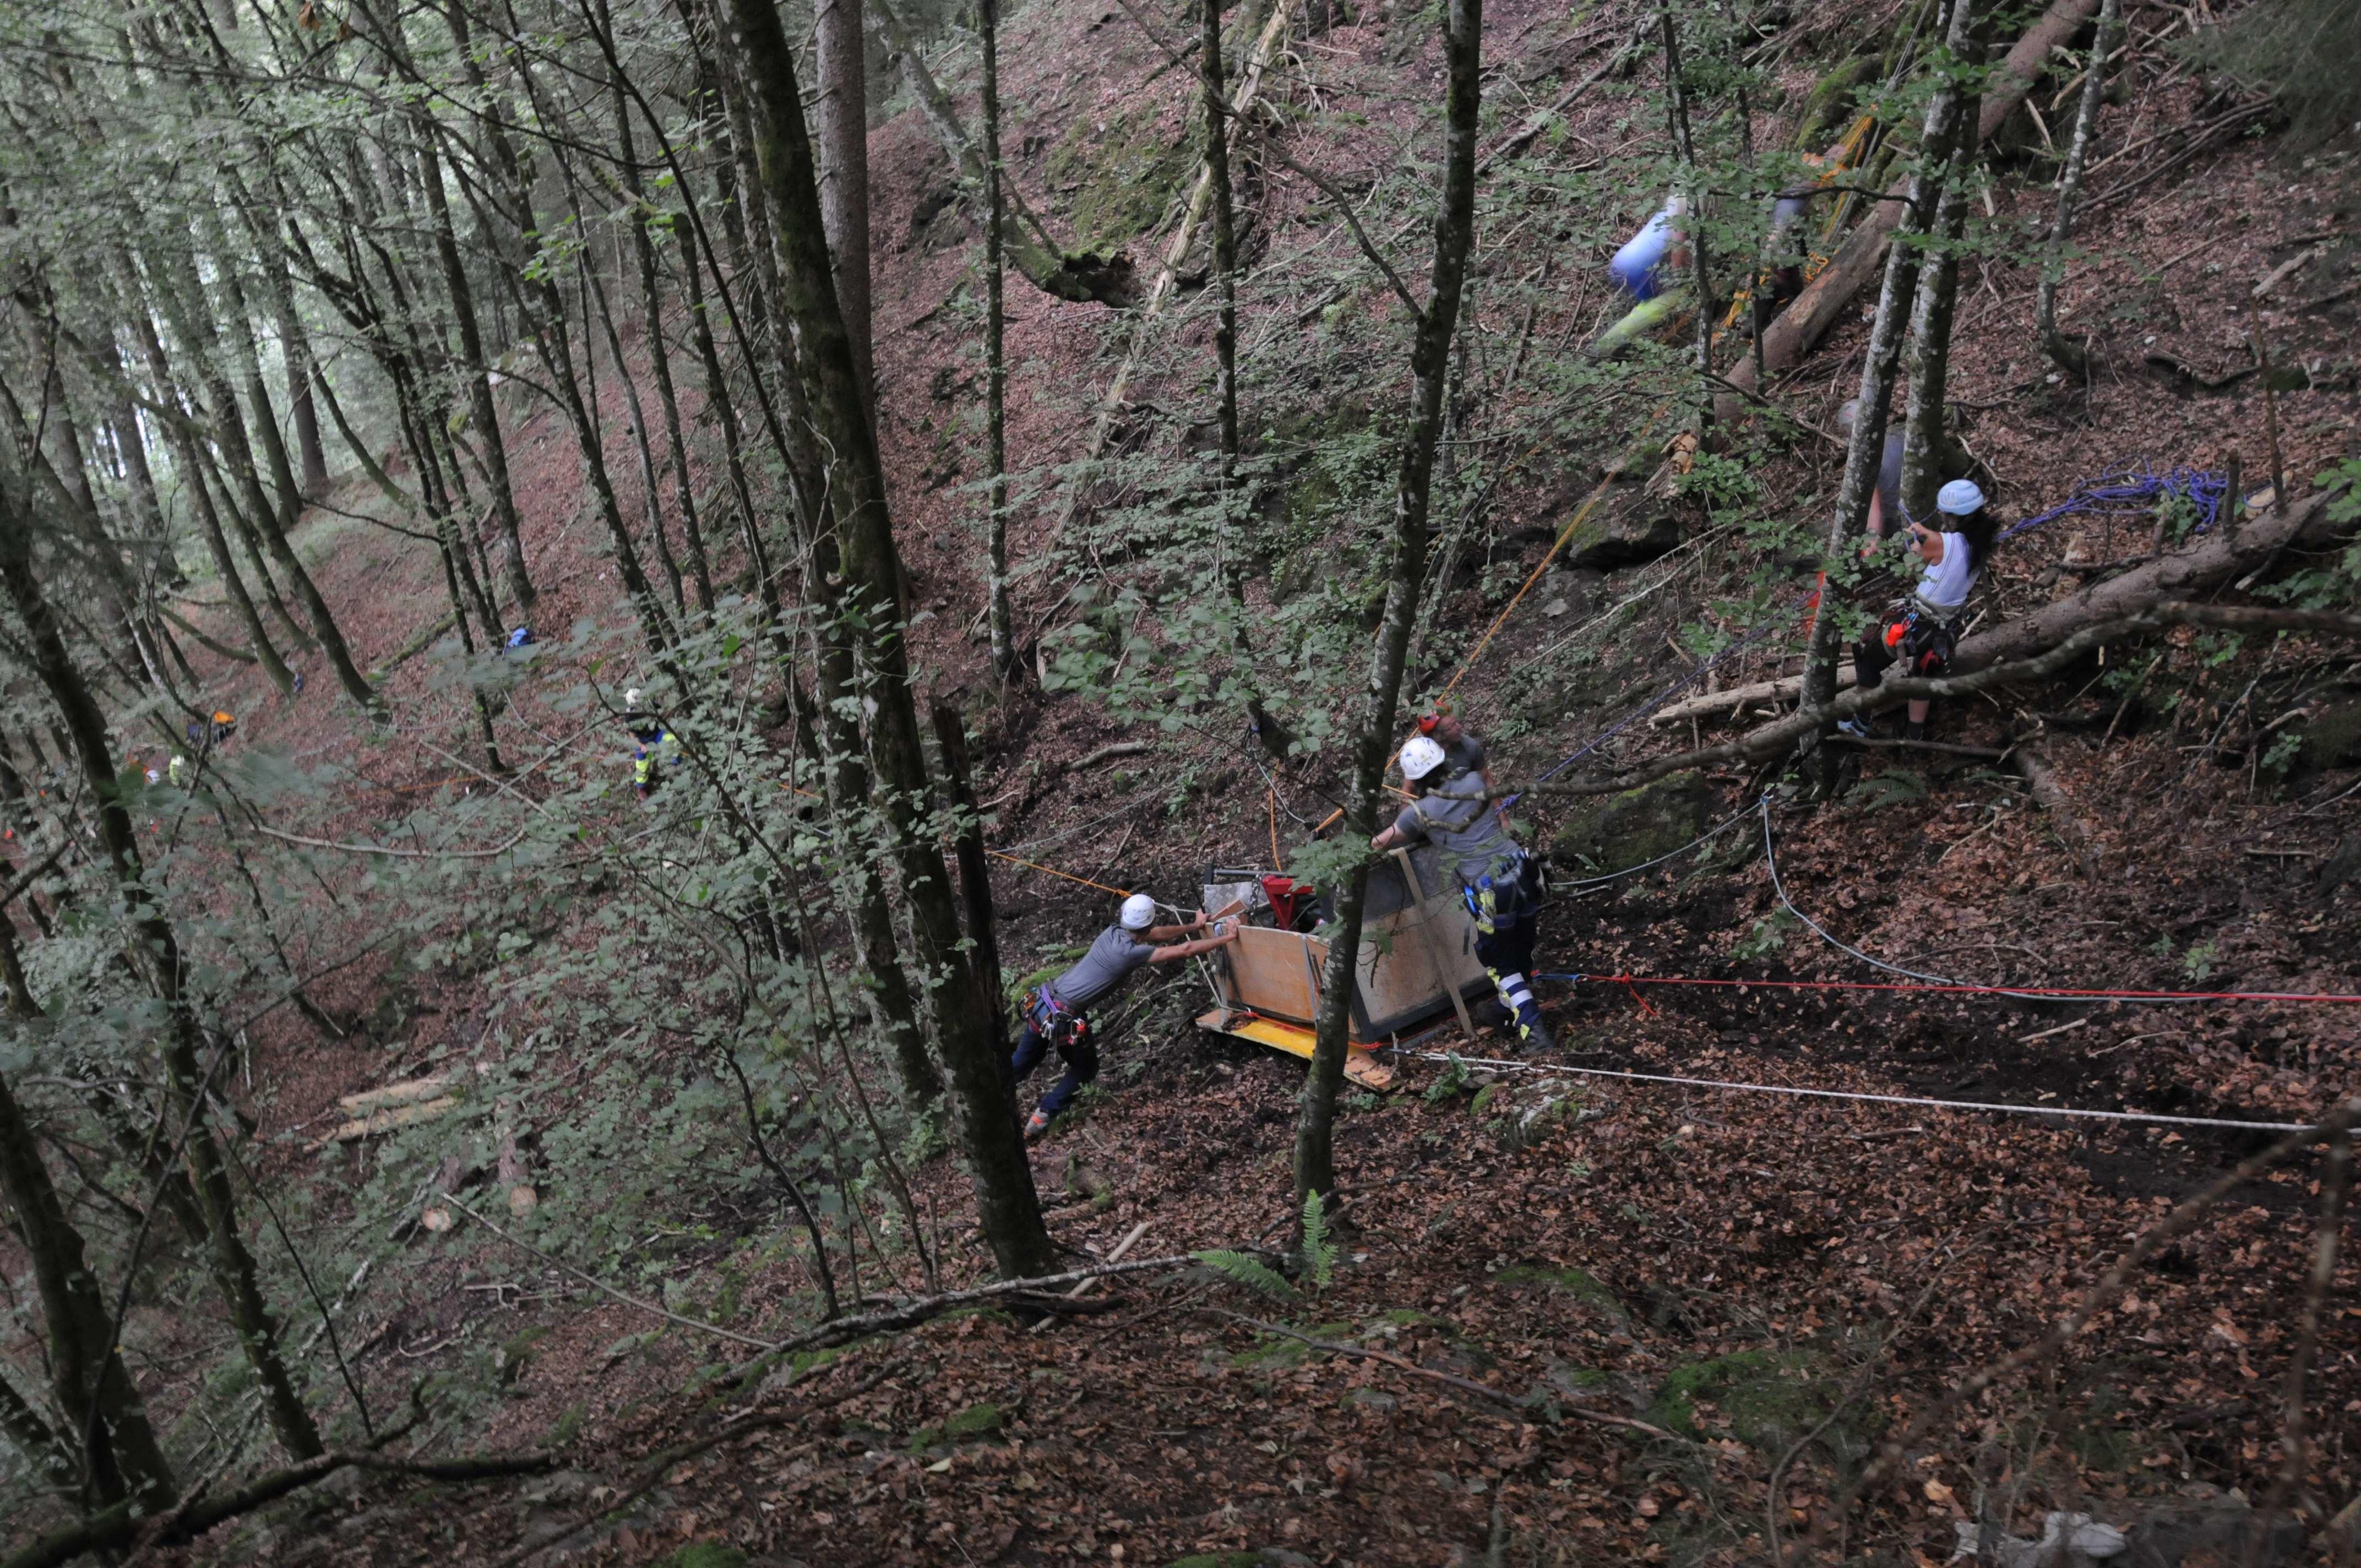 Beim Unglück mit der abgestürzten Transportseilbahn kamen zwei Menschen ums Leben.